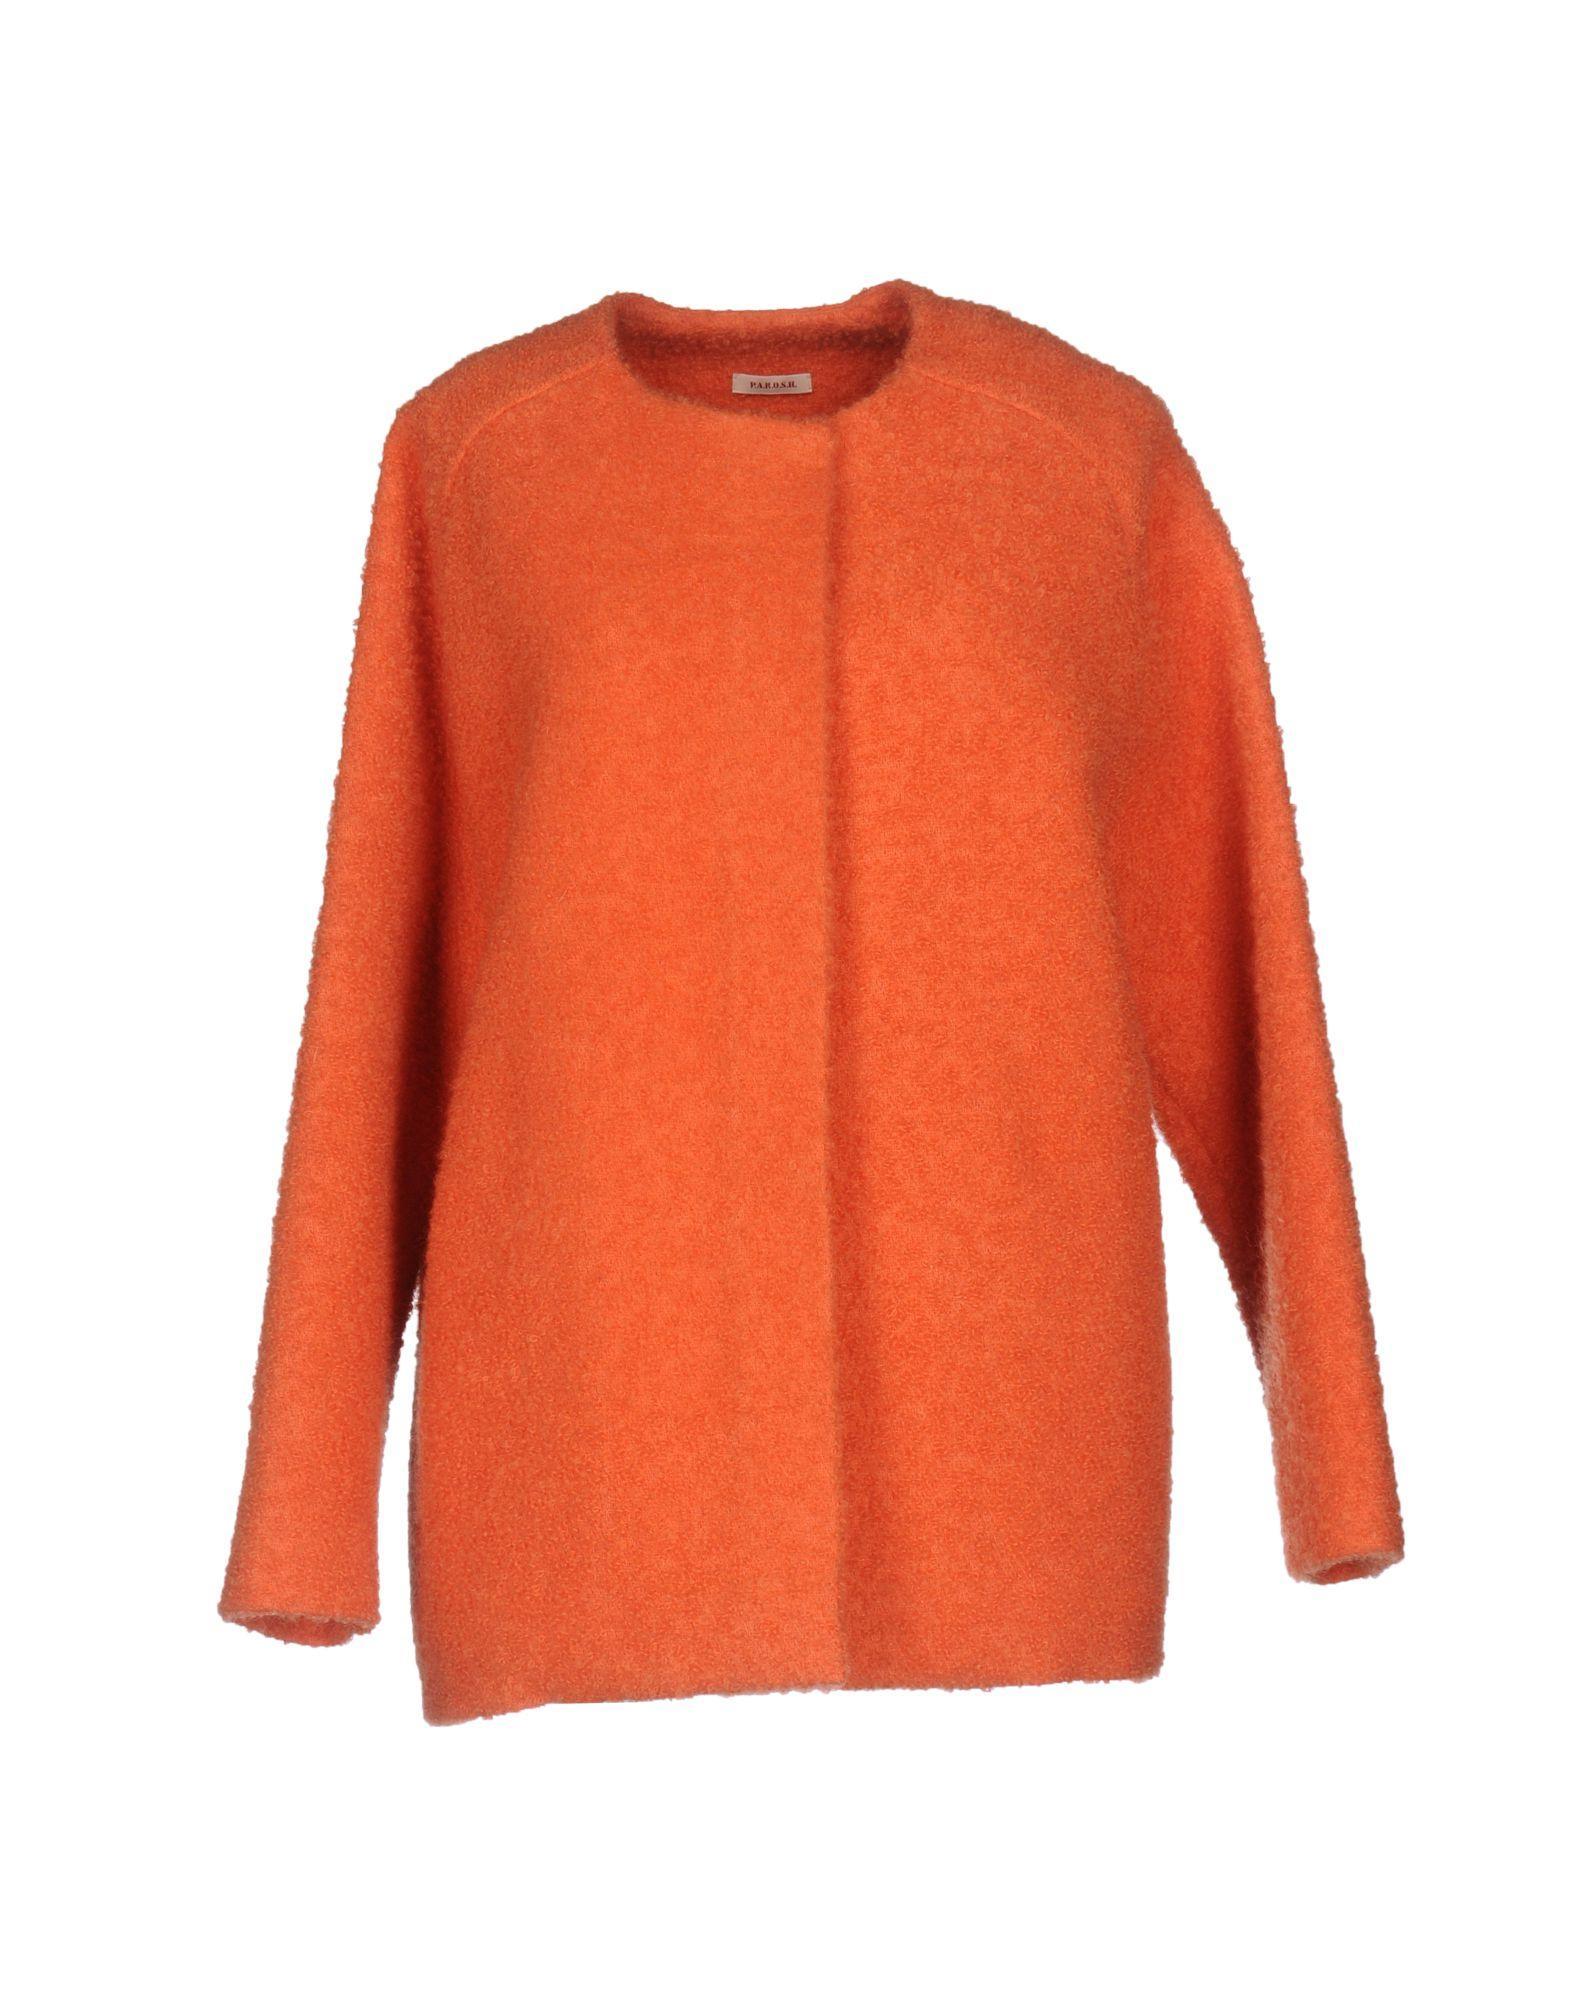 P.a.r.o.s.h. Coats In Orange